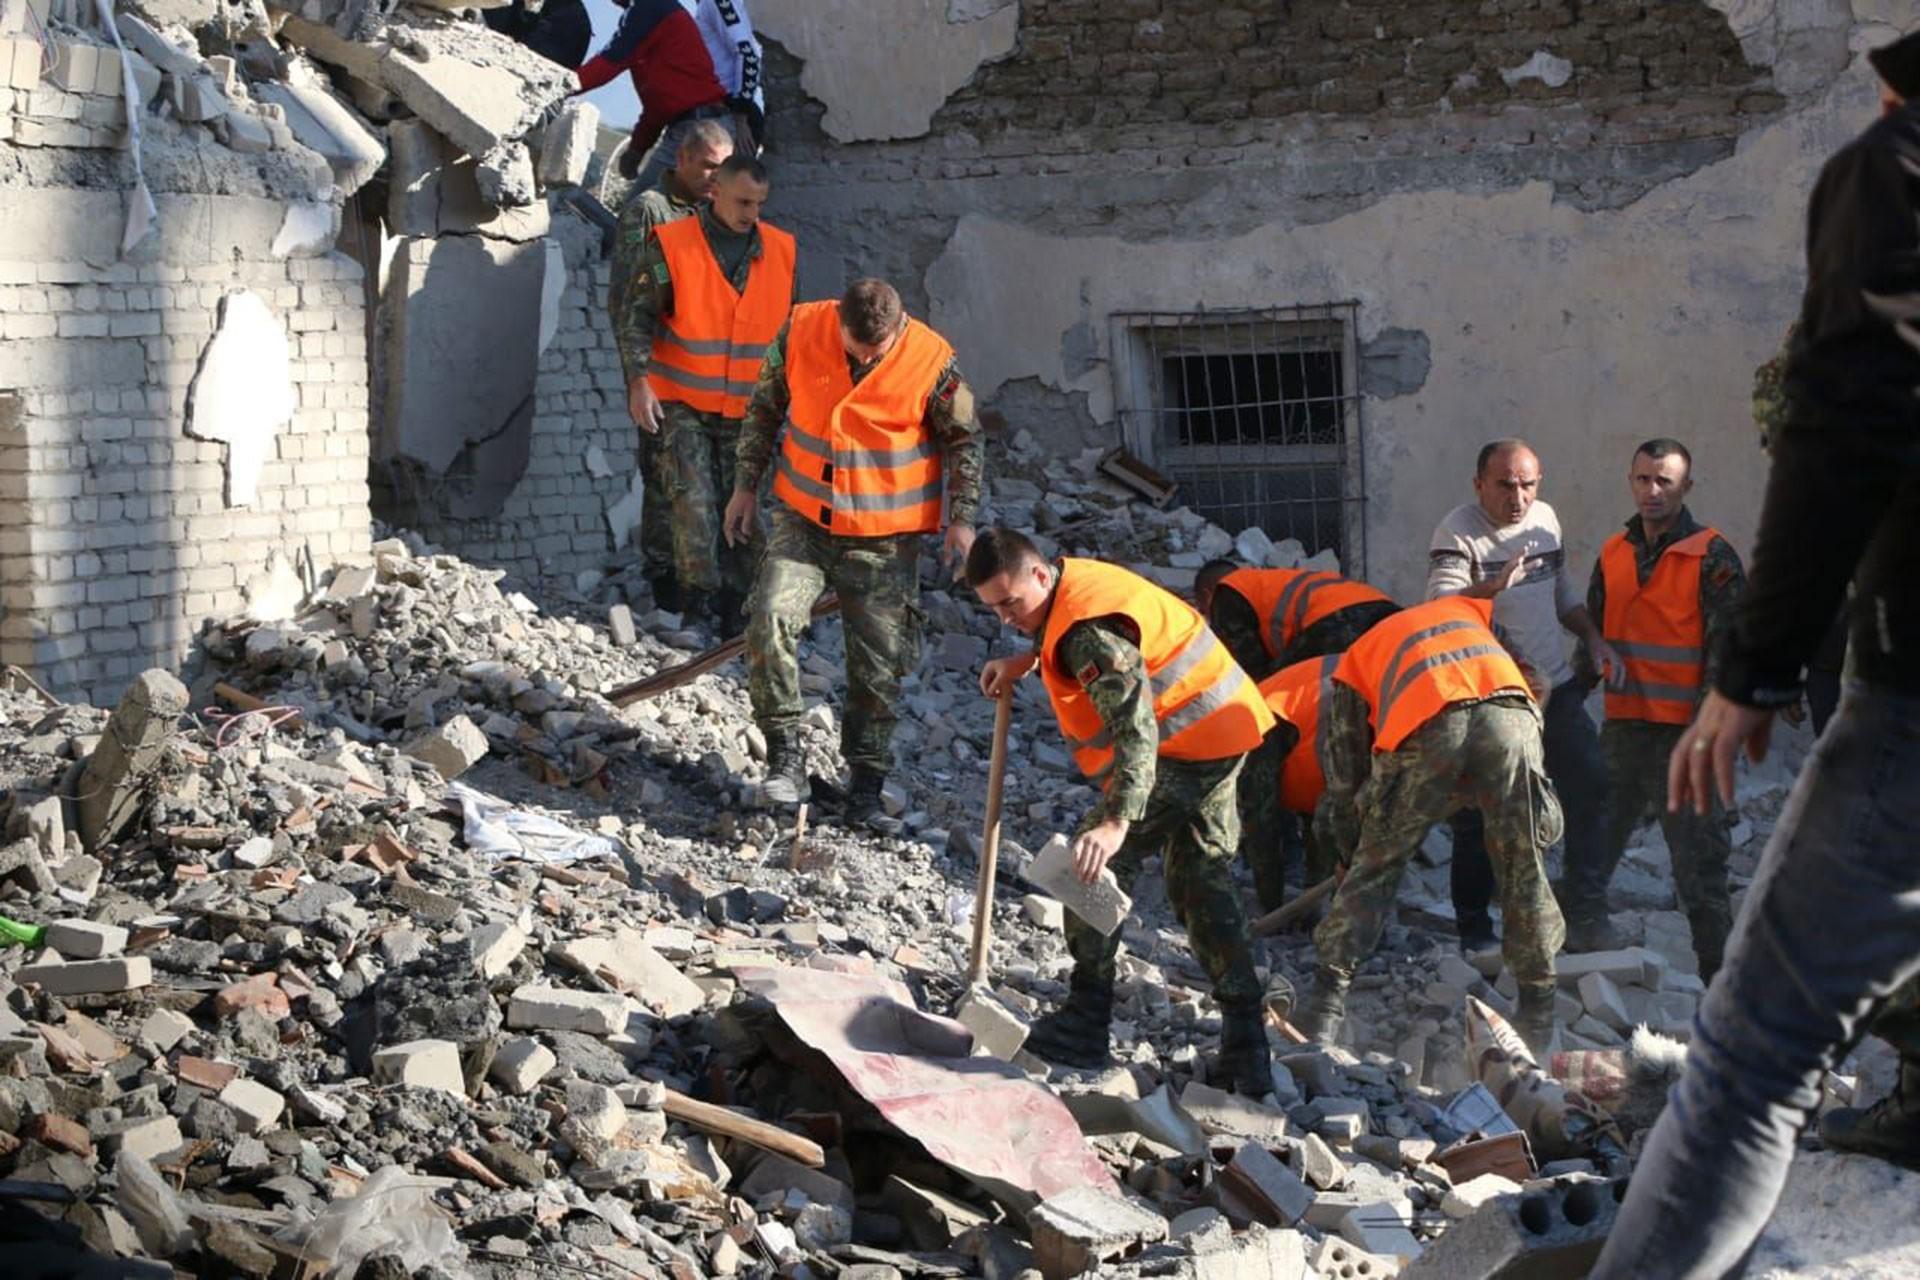 Arnavutluk'ta meydana gelen depremde yıkılan bina